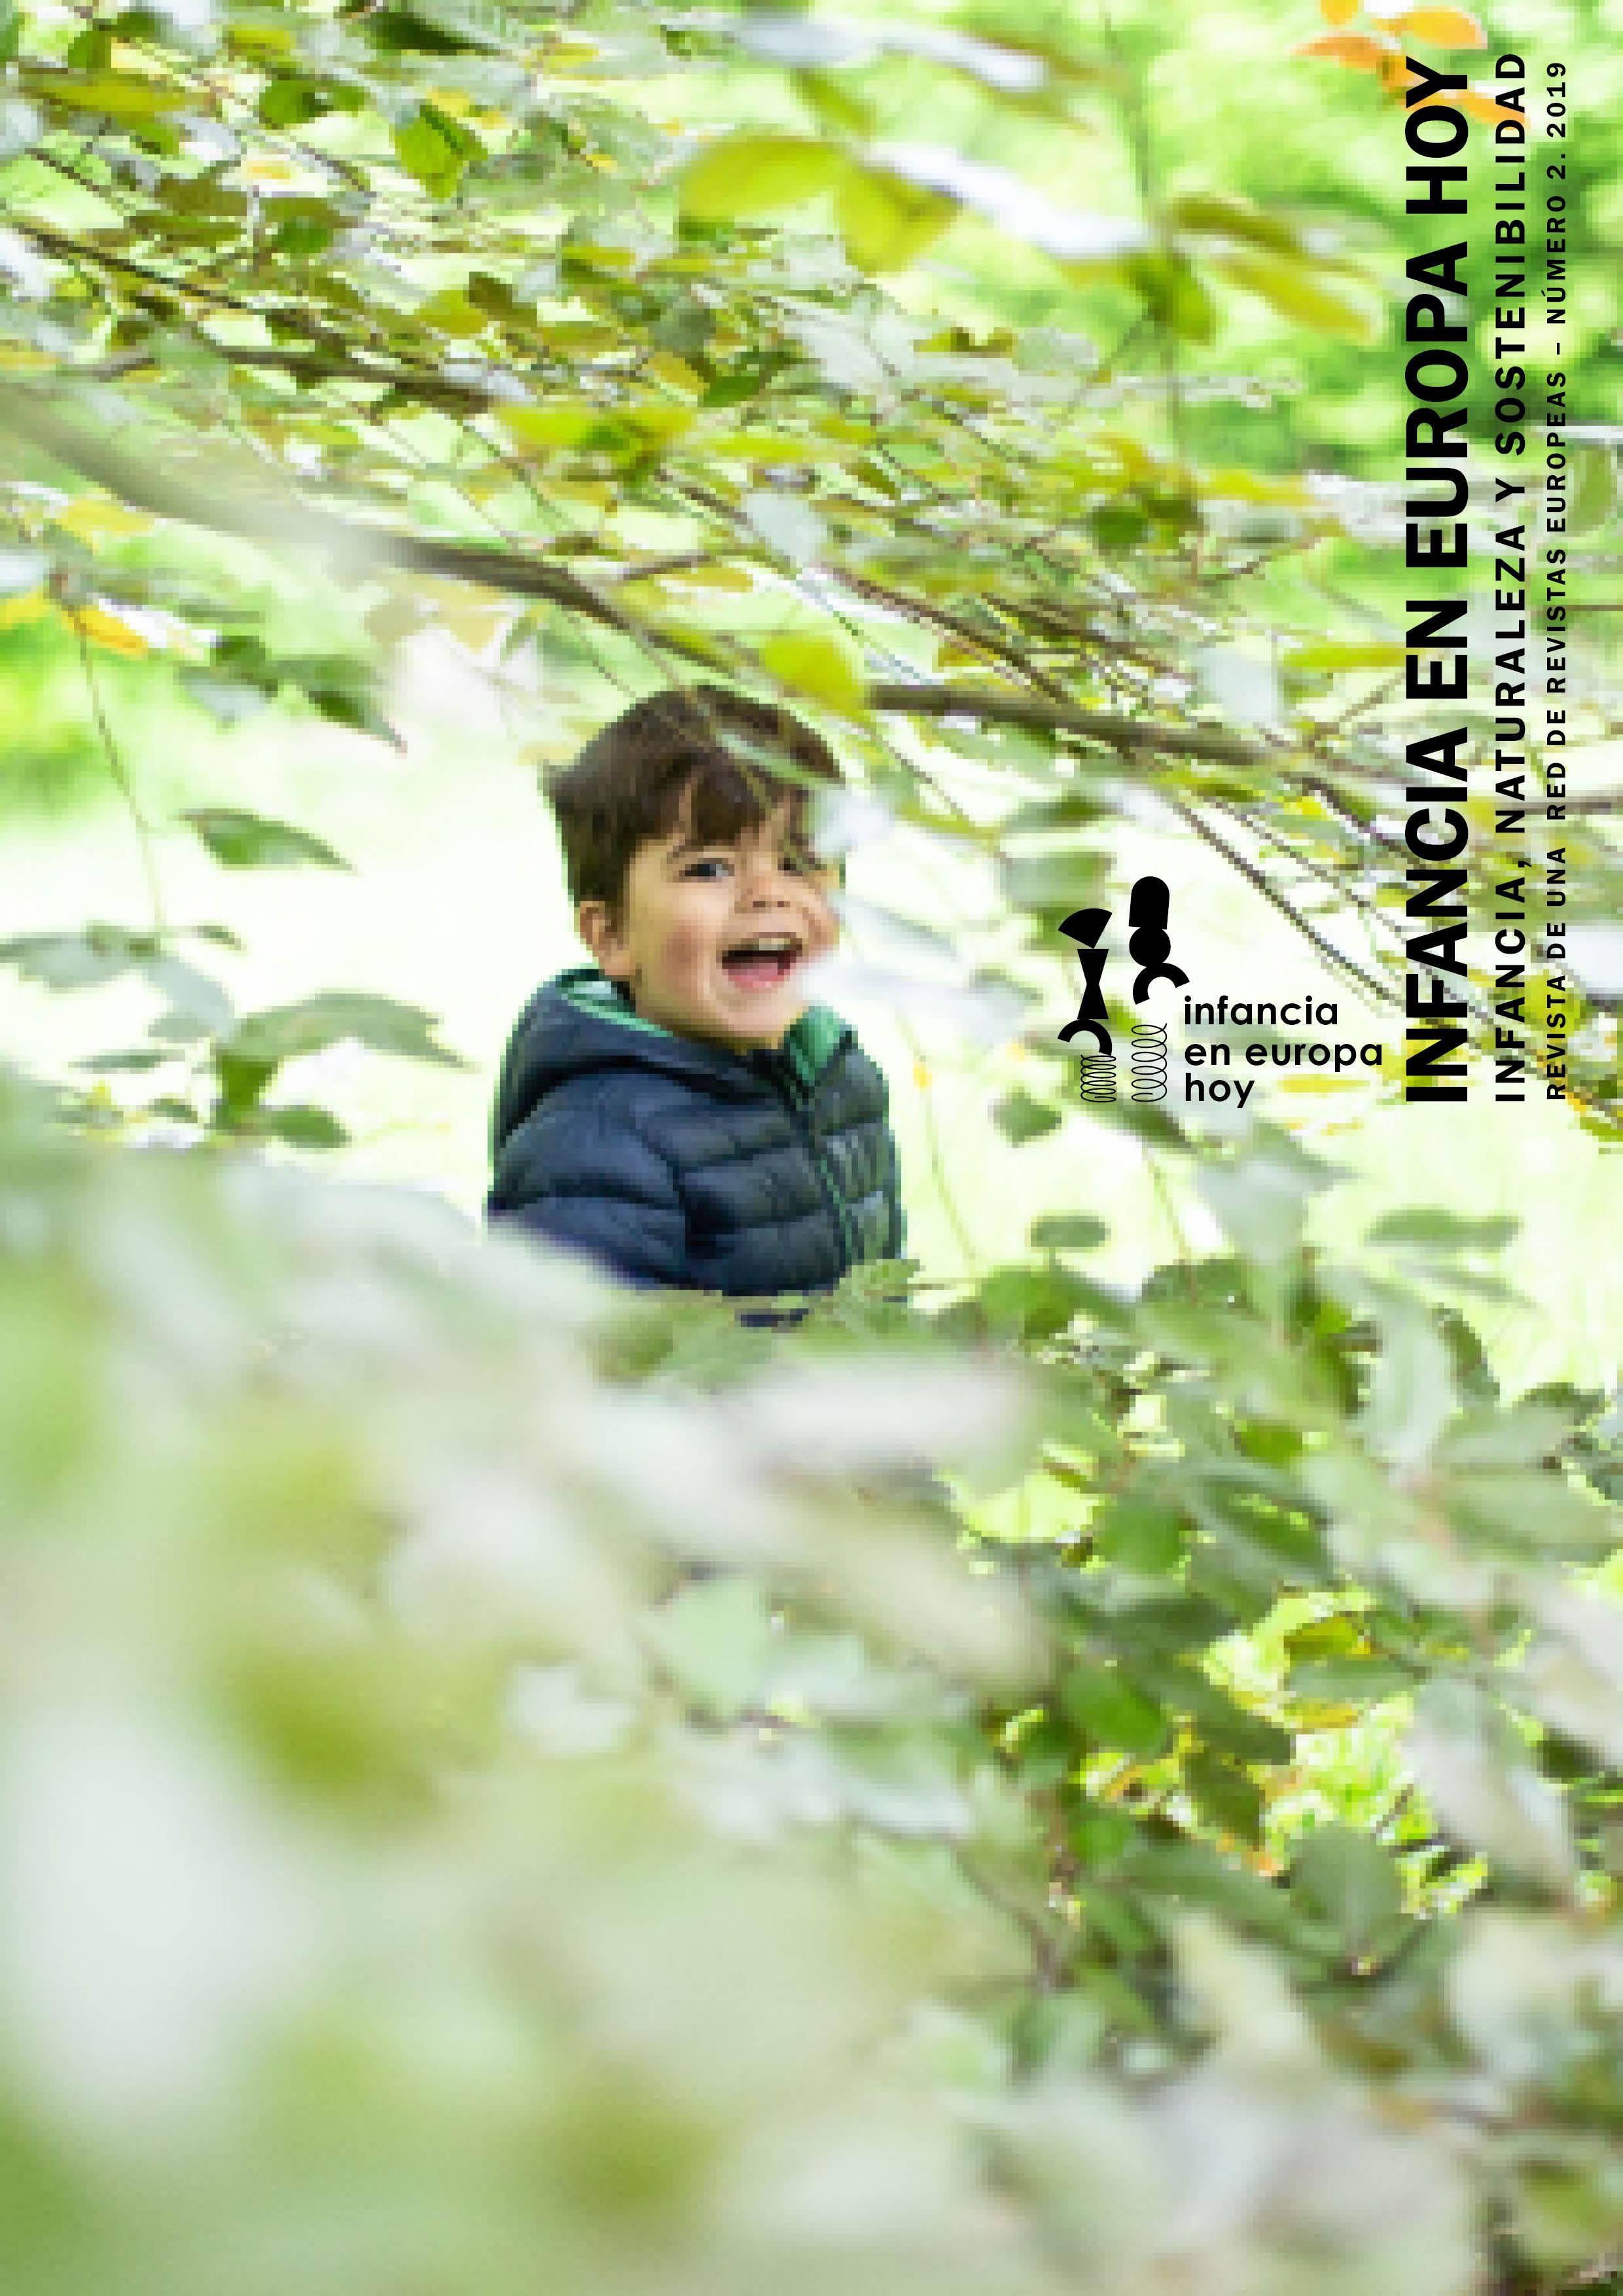 Infancia en Europa hoy. Infancia, naturaleza y sostenibilidad. Número 2